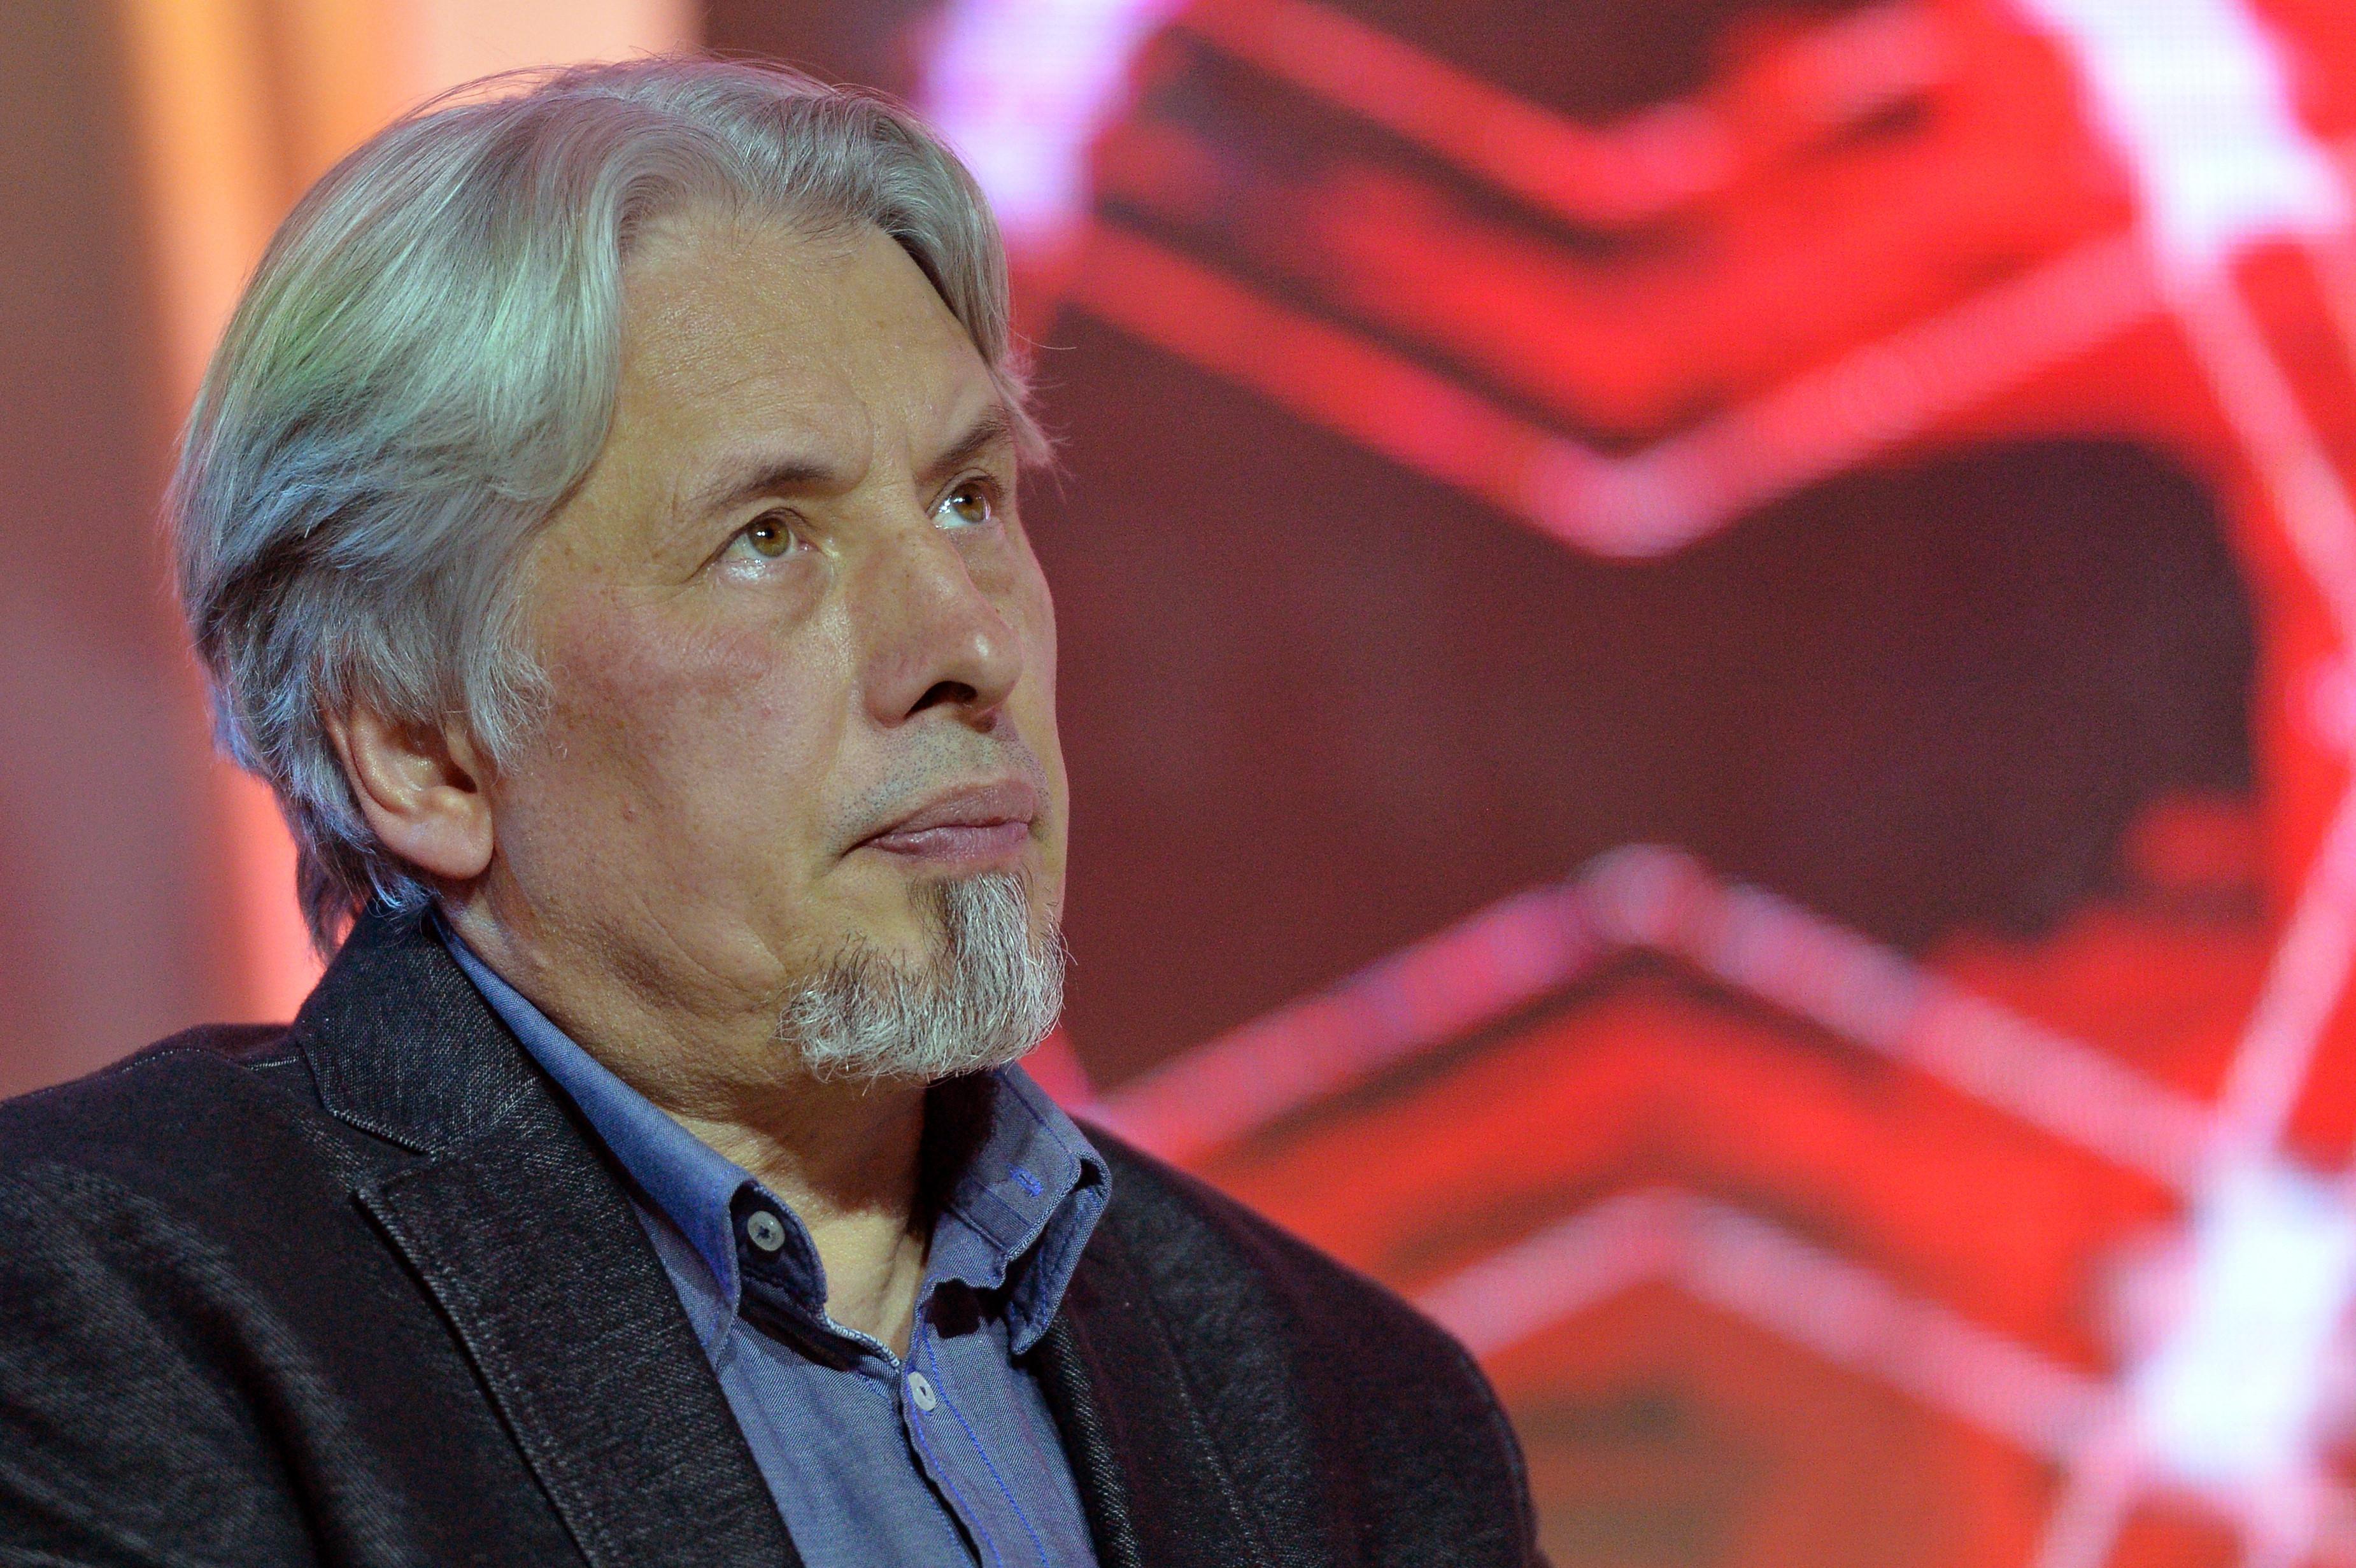 <p>Писатель Владимир Сорокин. Фото: &copy;РИА Новости/Владимир Песня</p>